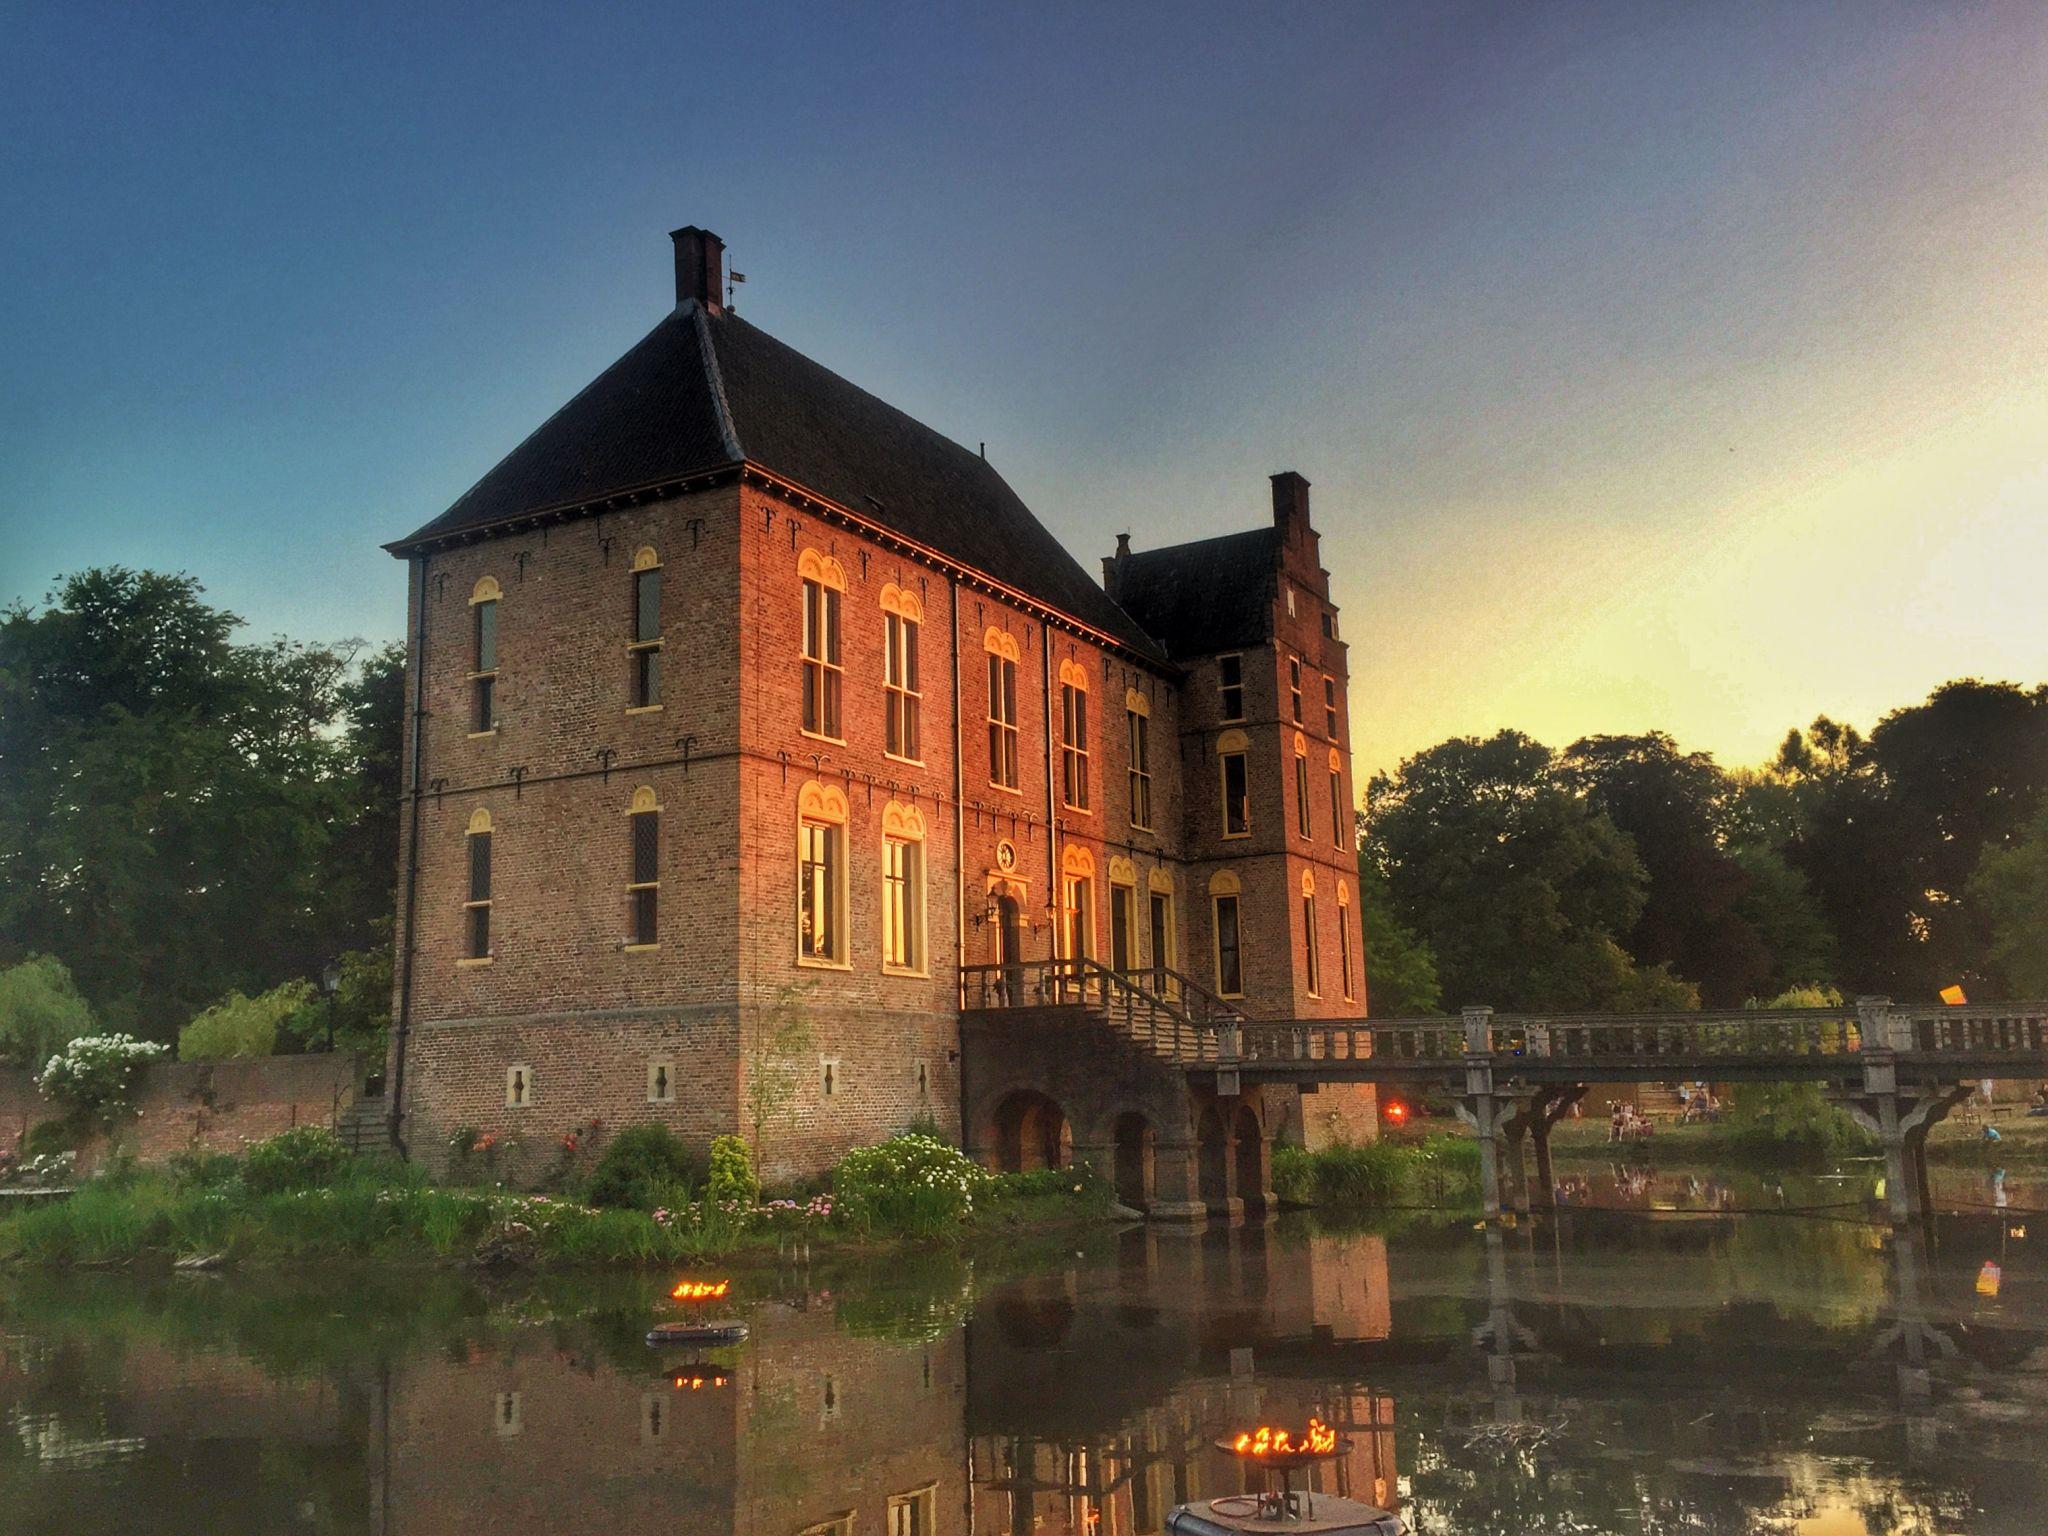 Castle Vorden, Netherlands